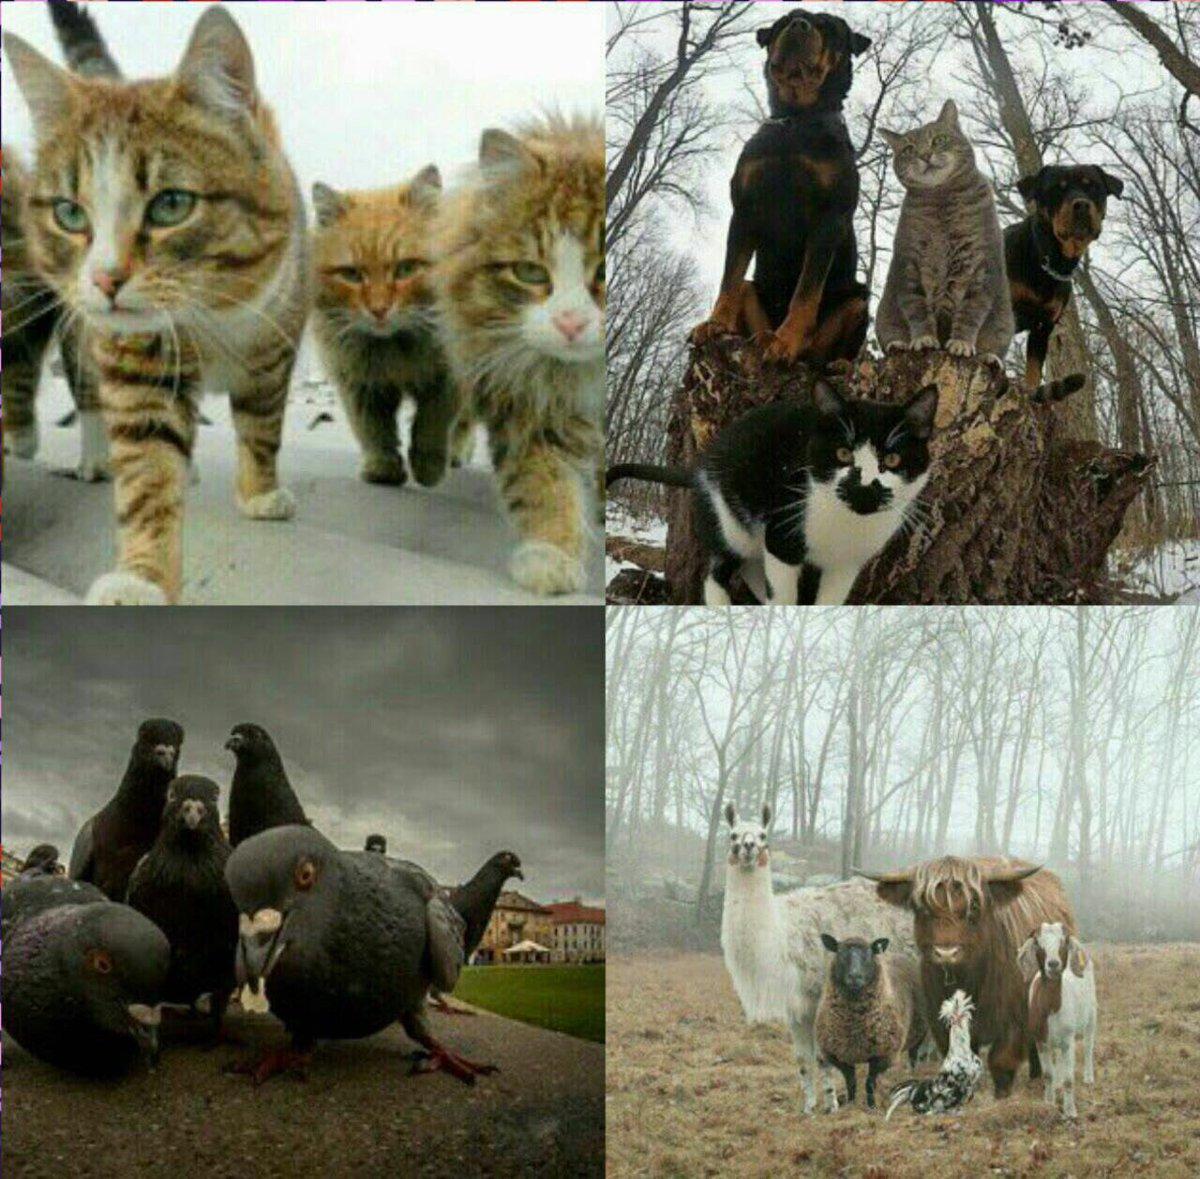 صور جماعيه لحيوانات وكأنها فرقه موسيقيه  تستعد ﻷصدار البومها الجديد !...